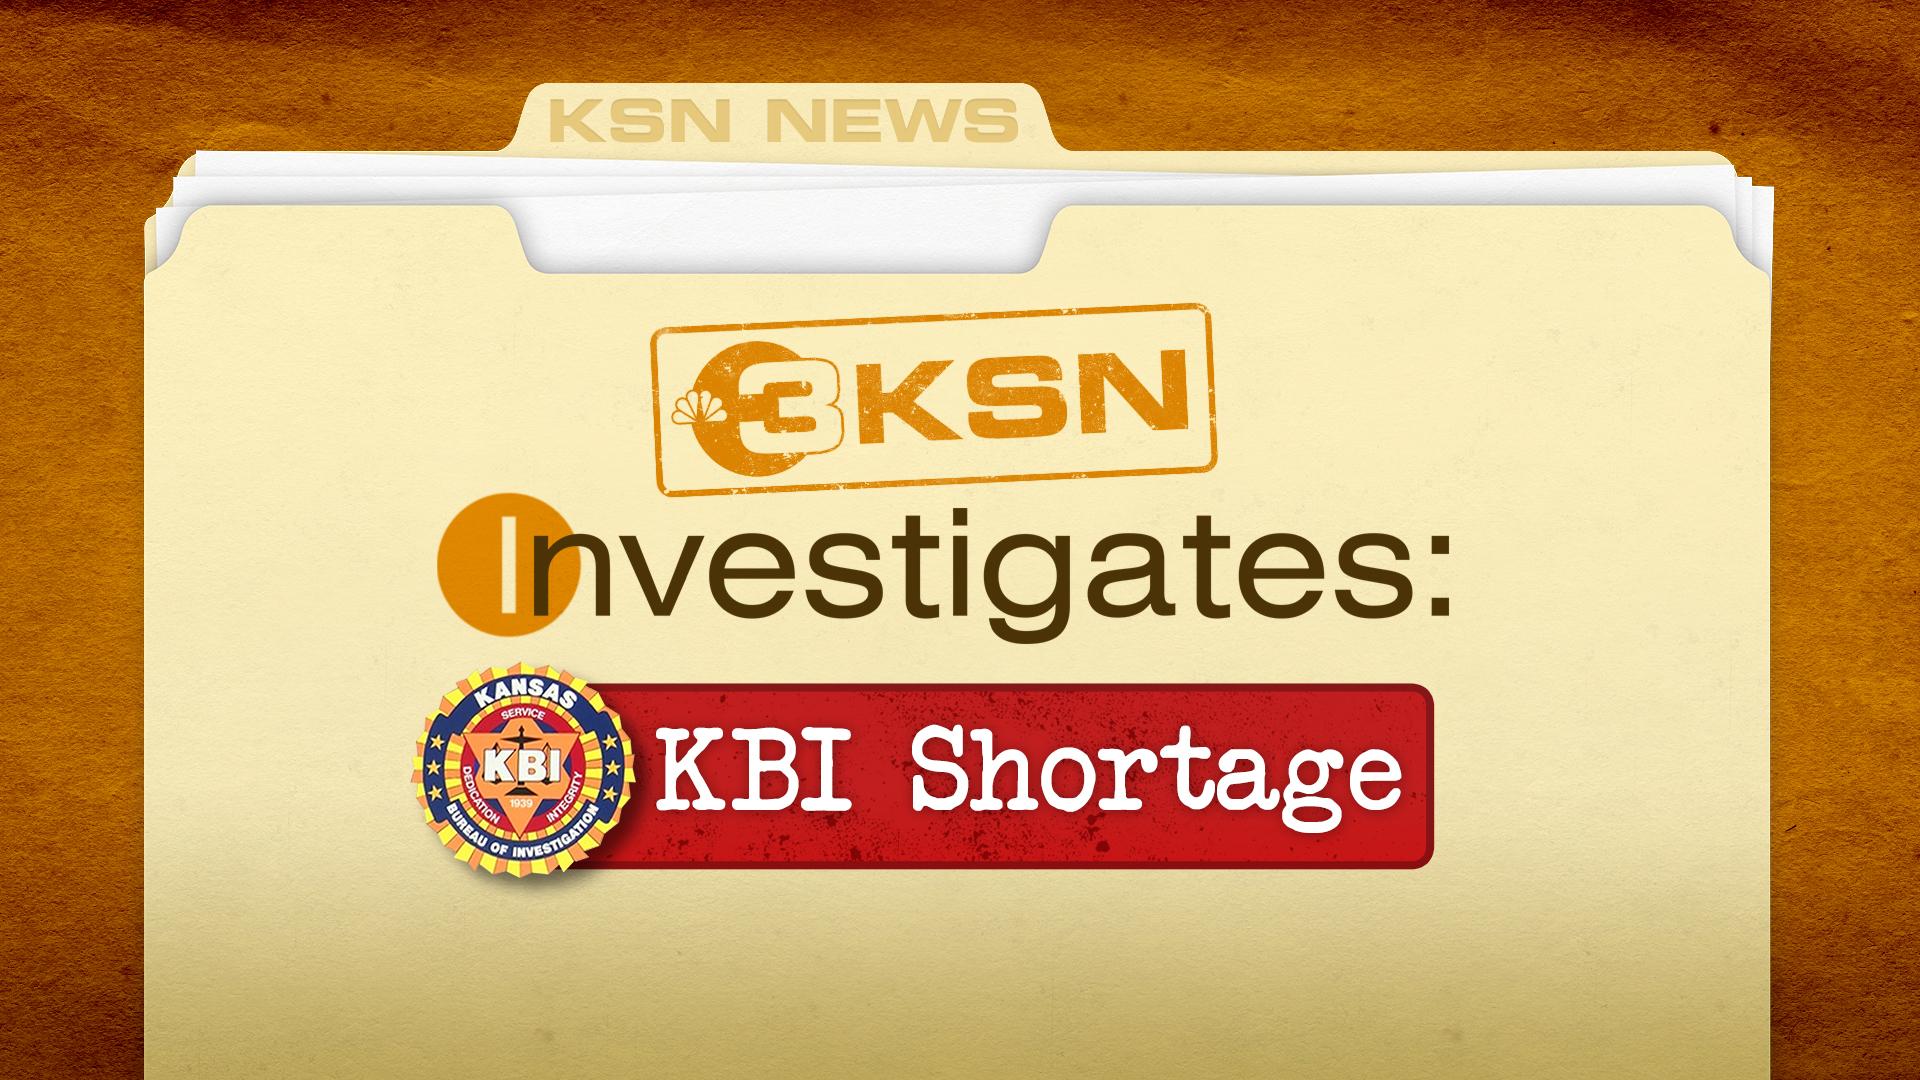 KSN Investigates.jpg